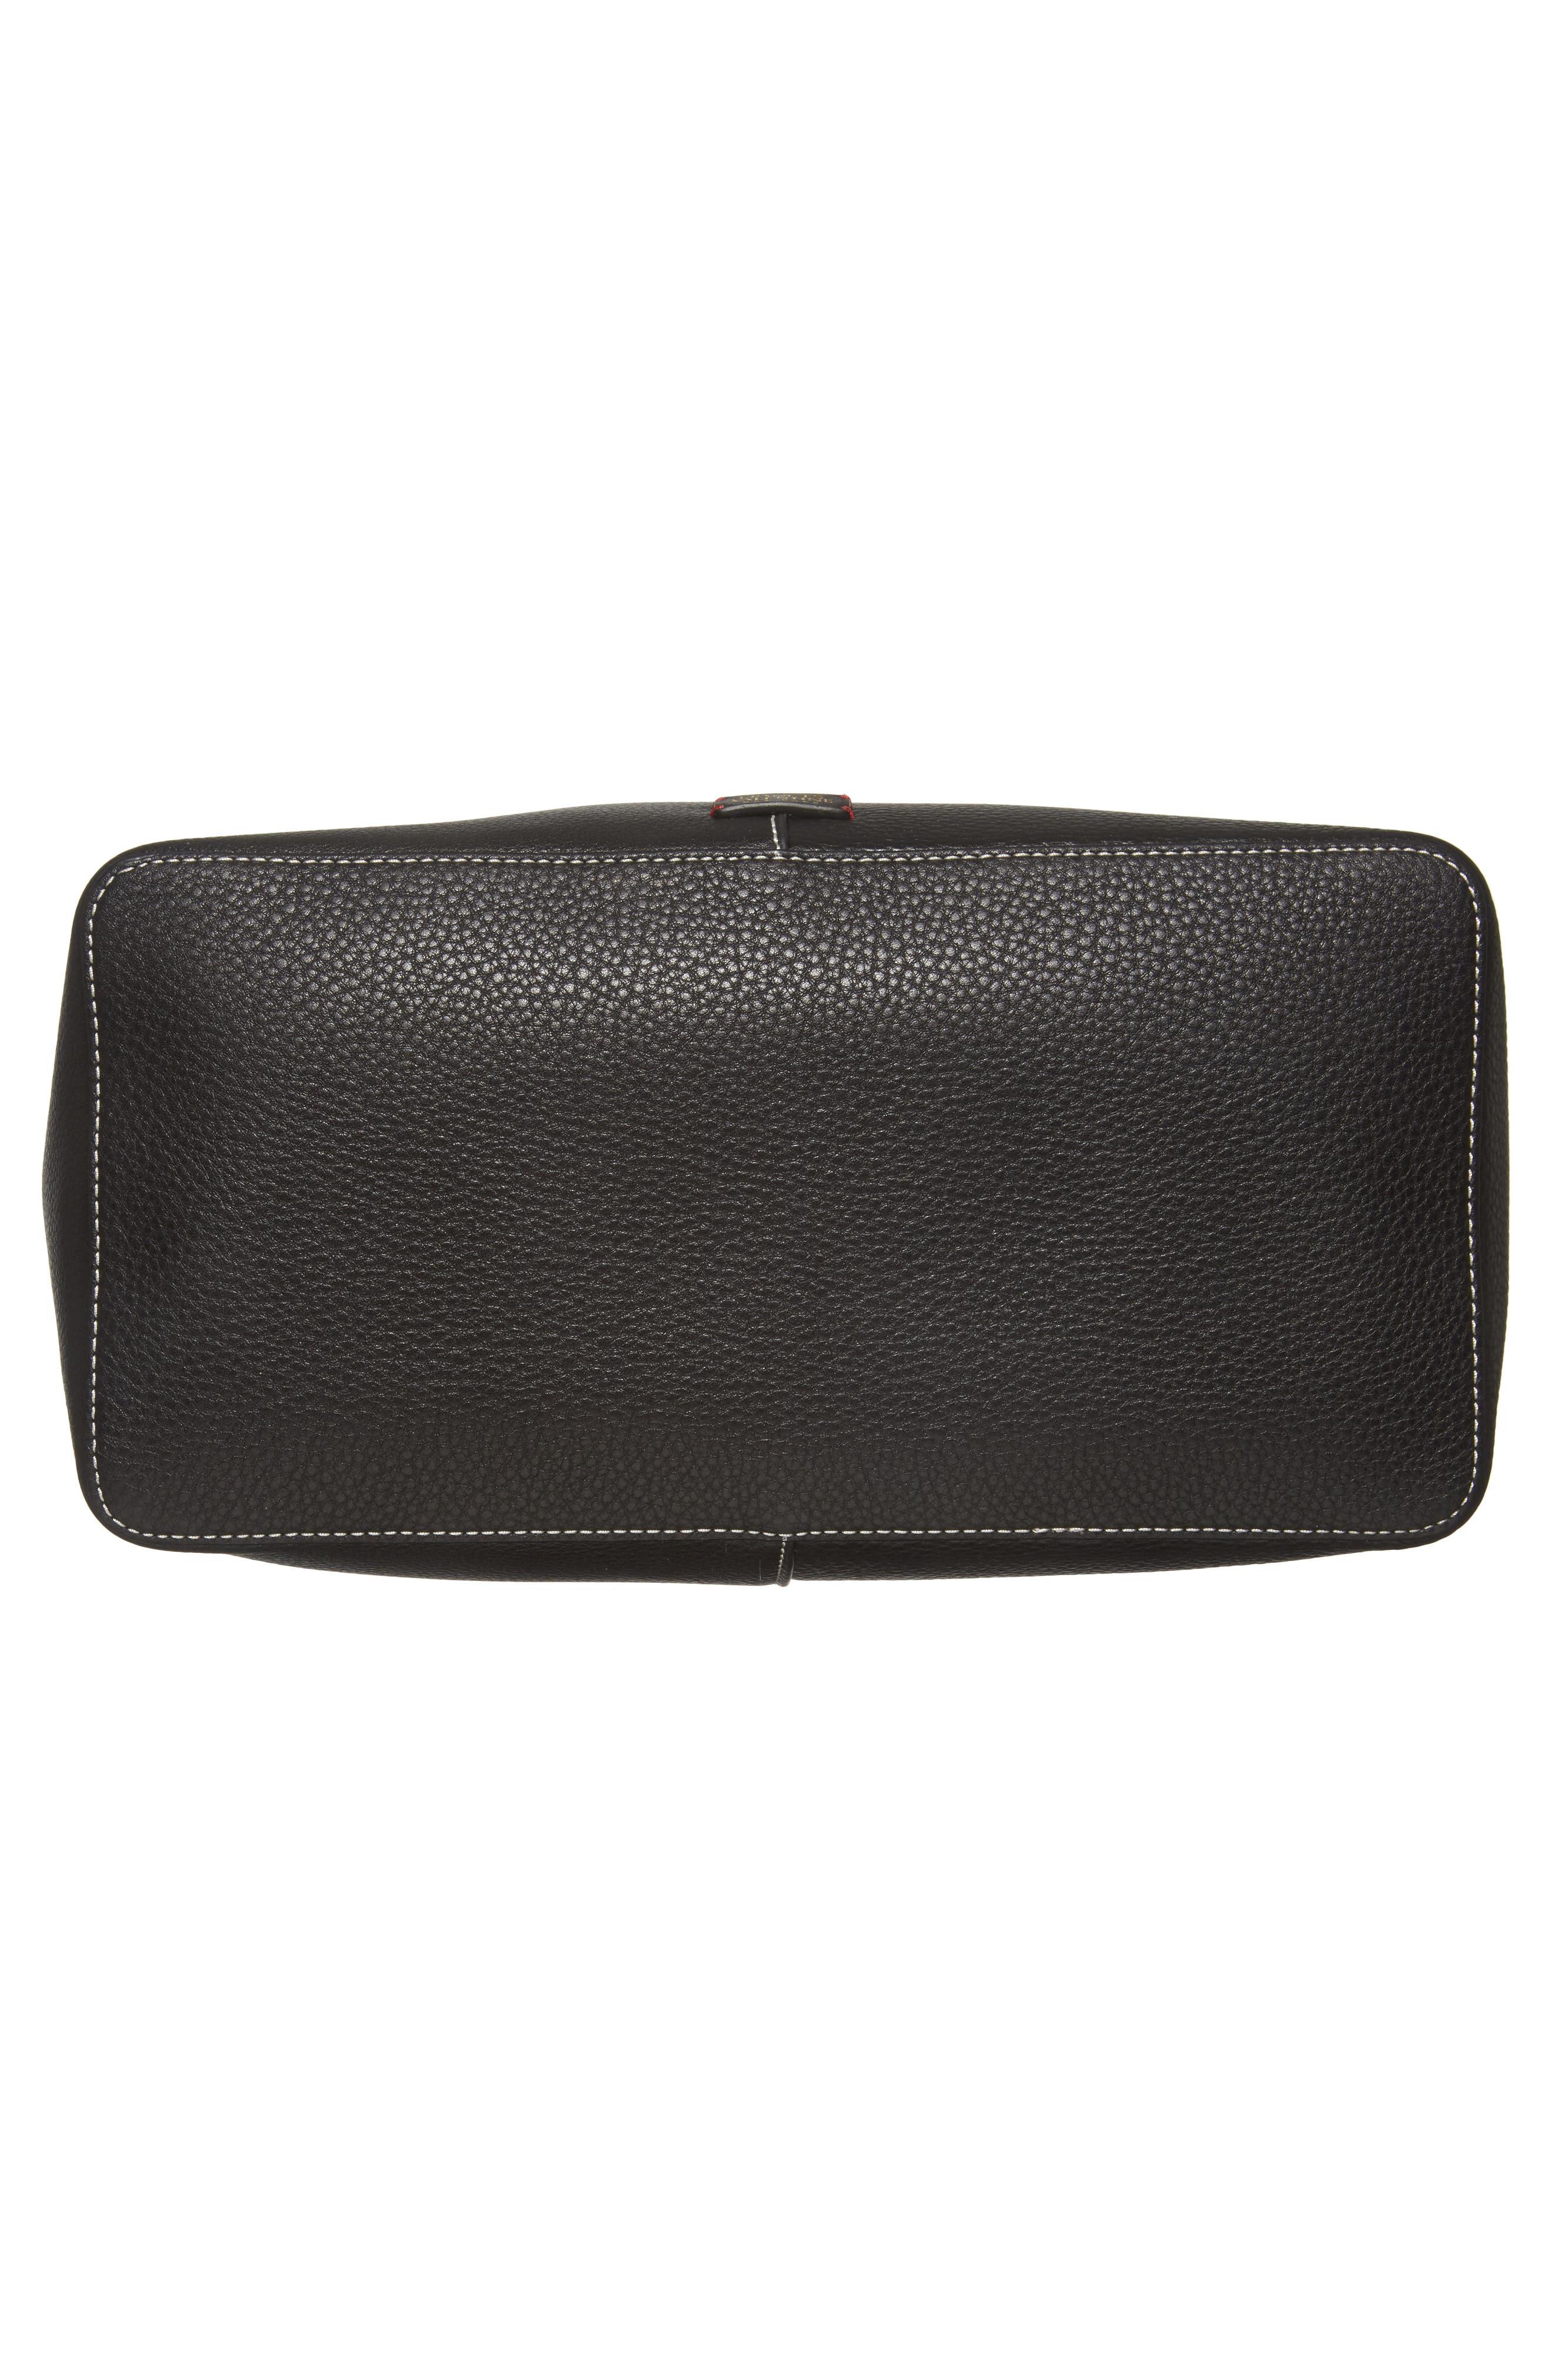 Large Leather Shoulder Bag,                             Alternate thumbnail 6, color,                             Black